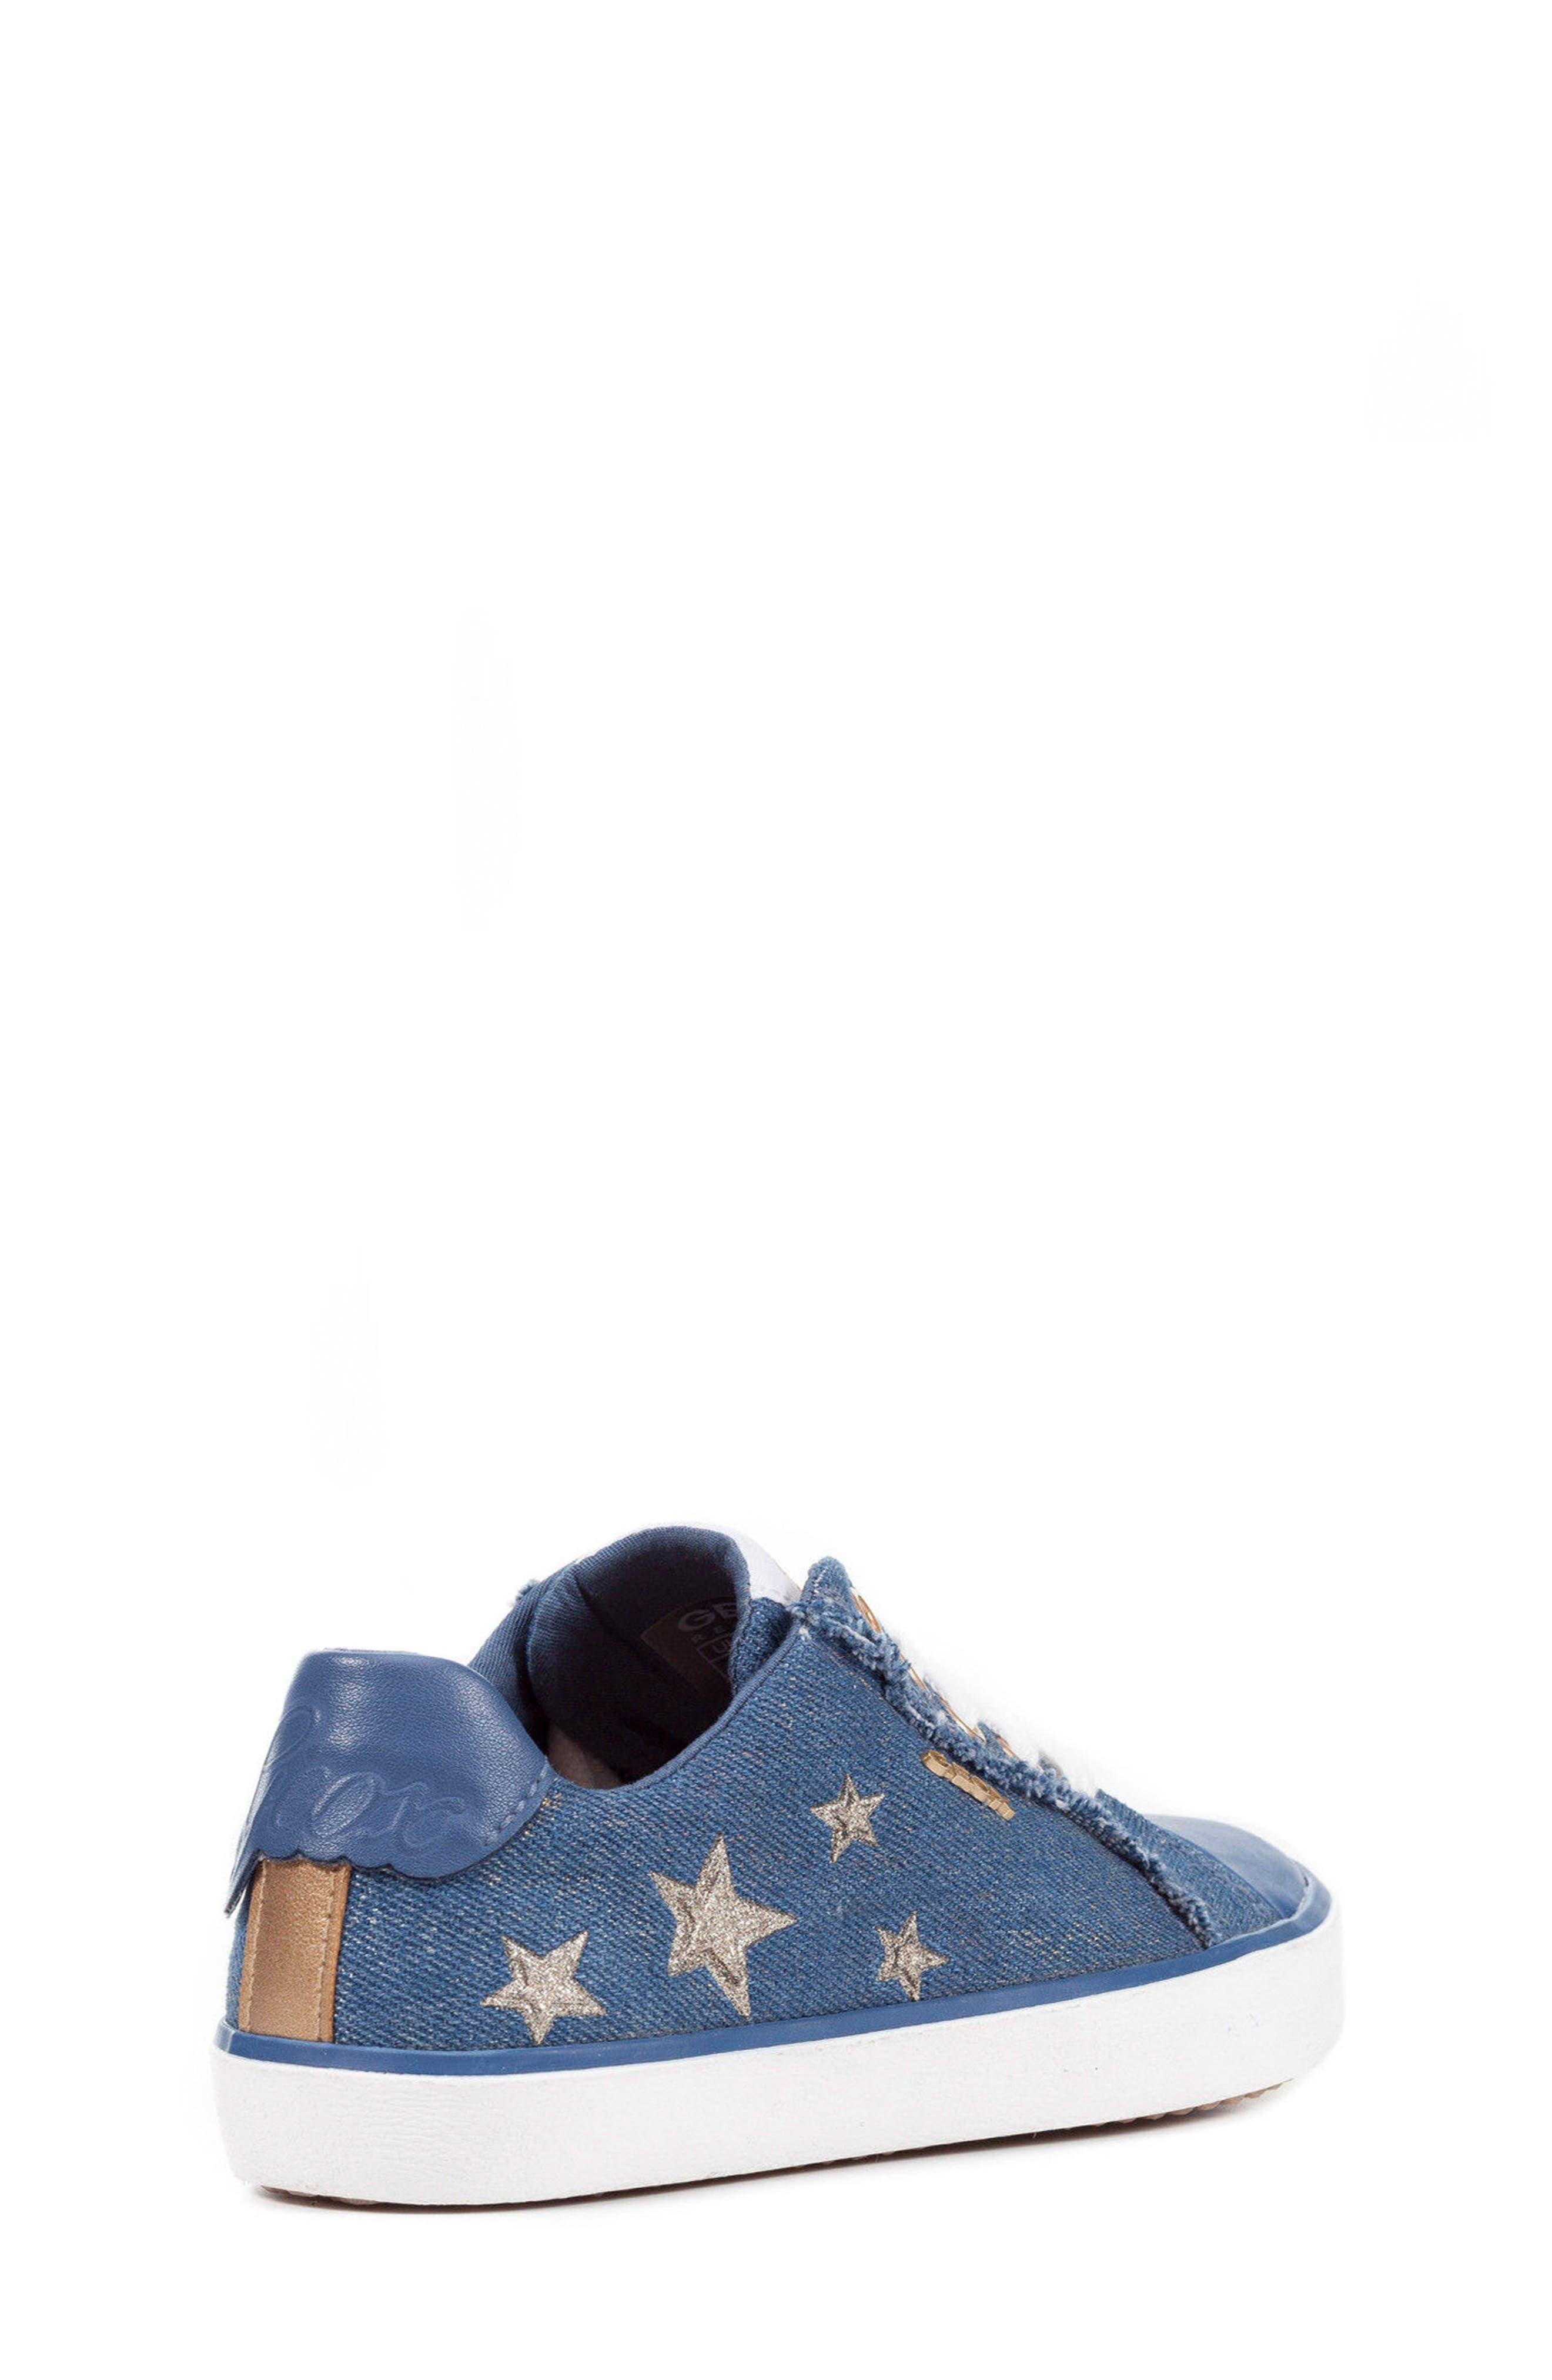 Kilwi Low Top Sneaker,                             Alternate thumbnail 2, color,                             Avio